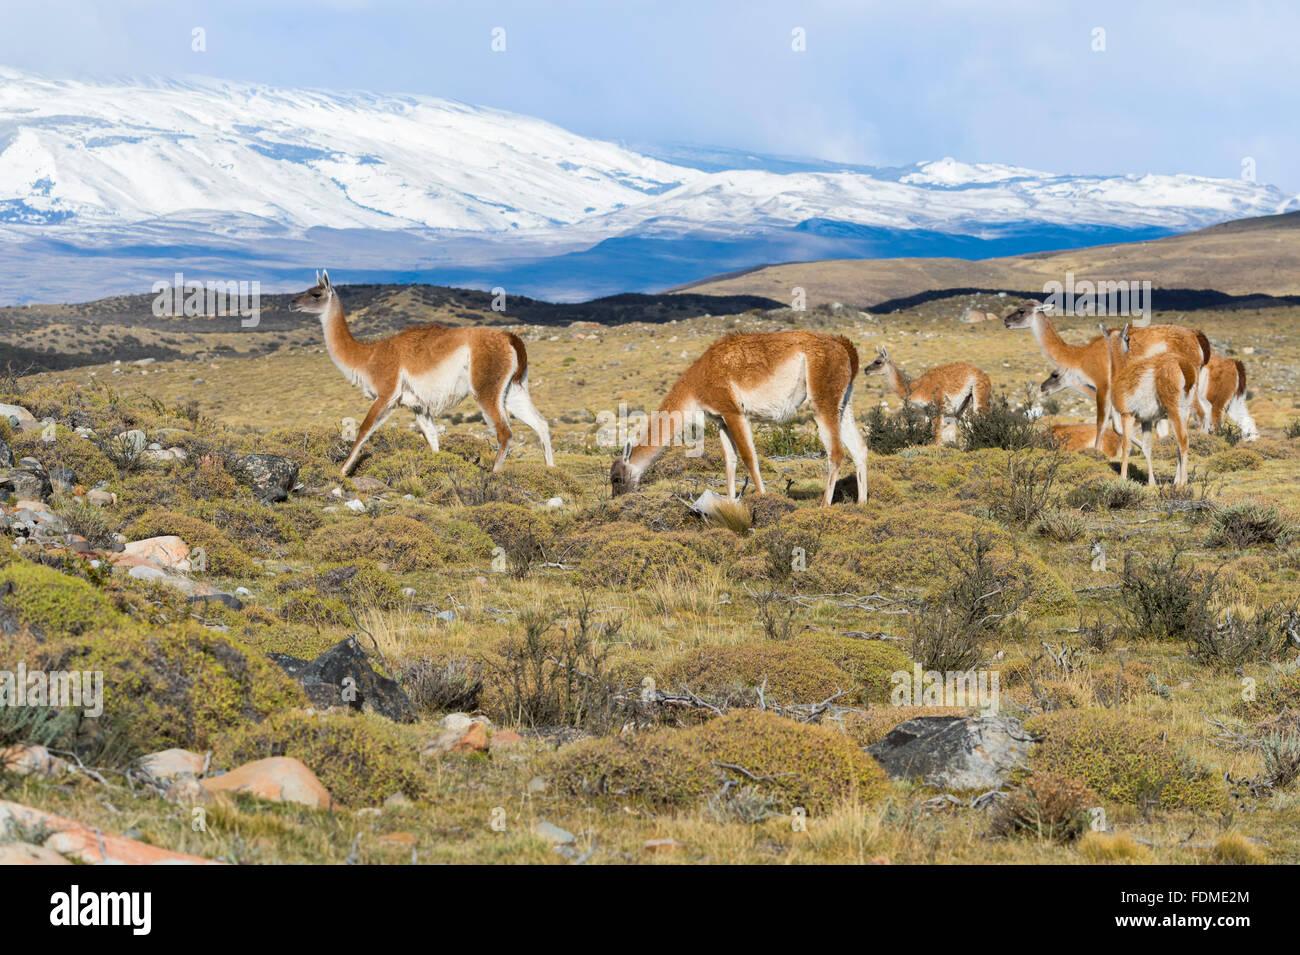 Groupe de guanacos (Lama guanicoe) dans la steppe, Parc National Torres del Paine, Patagonie chilienne, Chili Banque D'Images